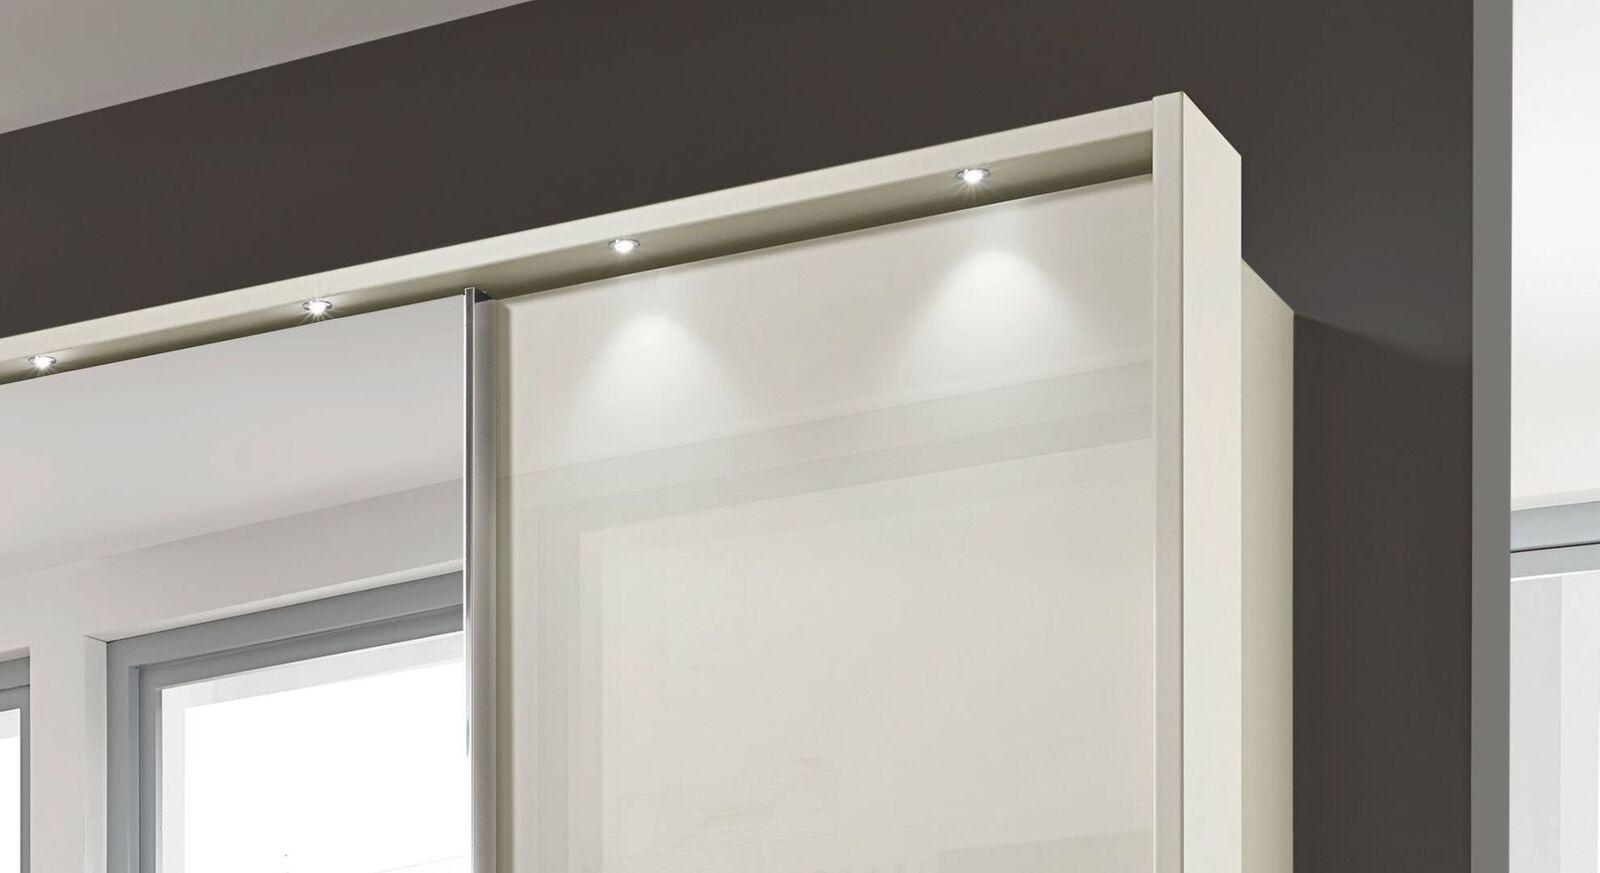 Schwebetüren-Kleiderschrank Ramsey optional mit LED-Beleuchtung